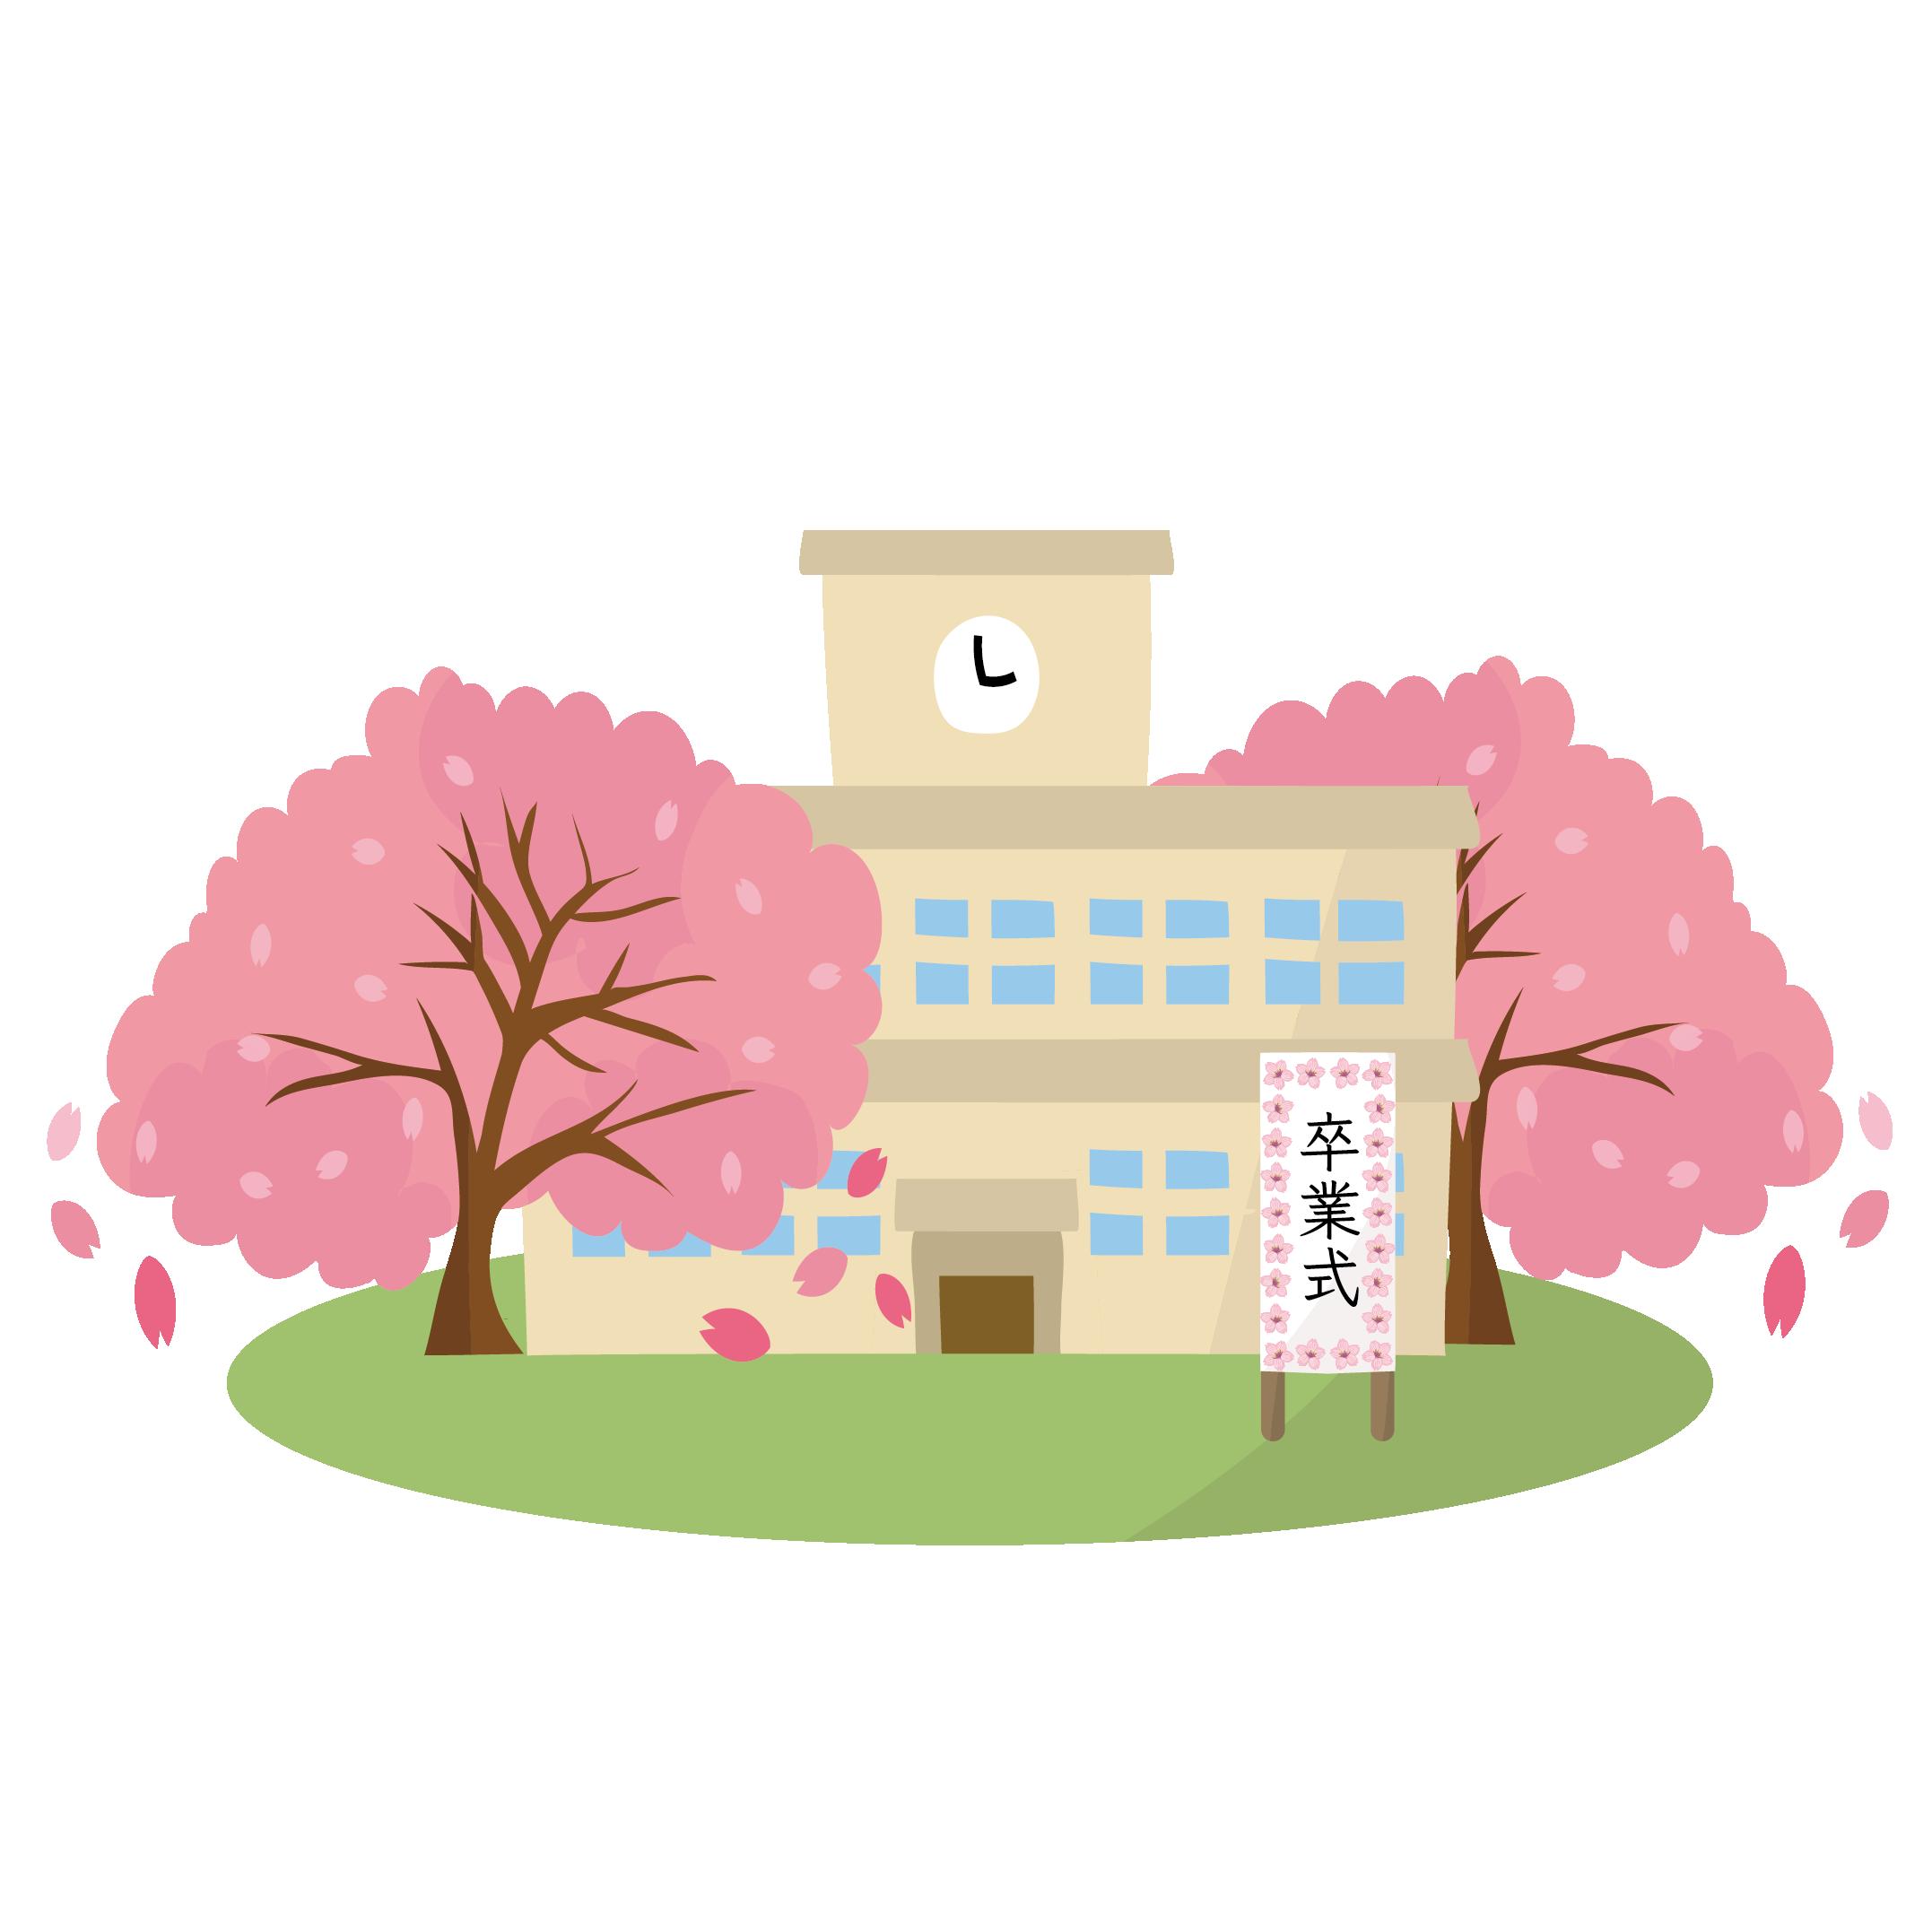 卒業式のイラスト♪桜満開の学校 | 商用フリー(無料)のイラスト素材なら